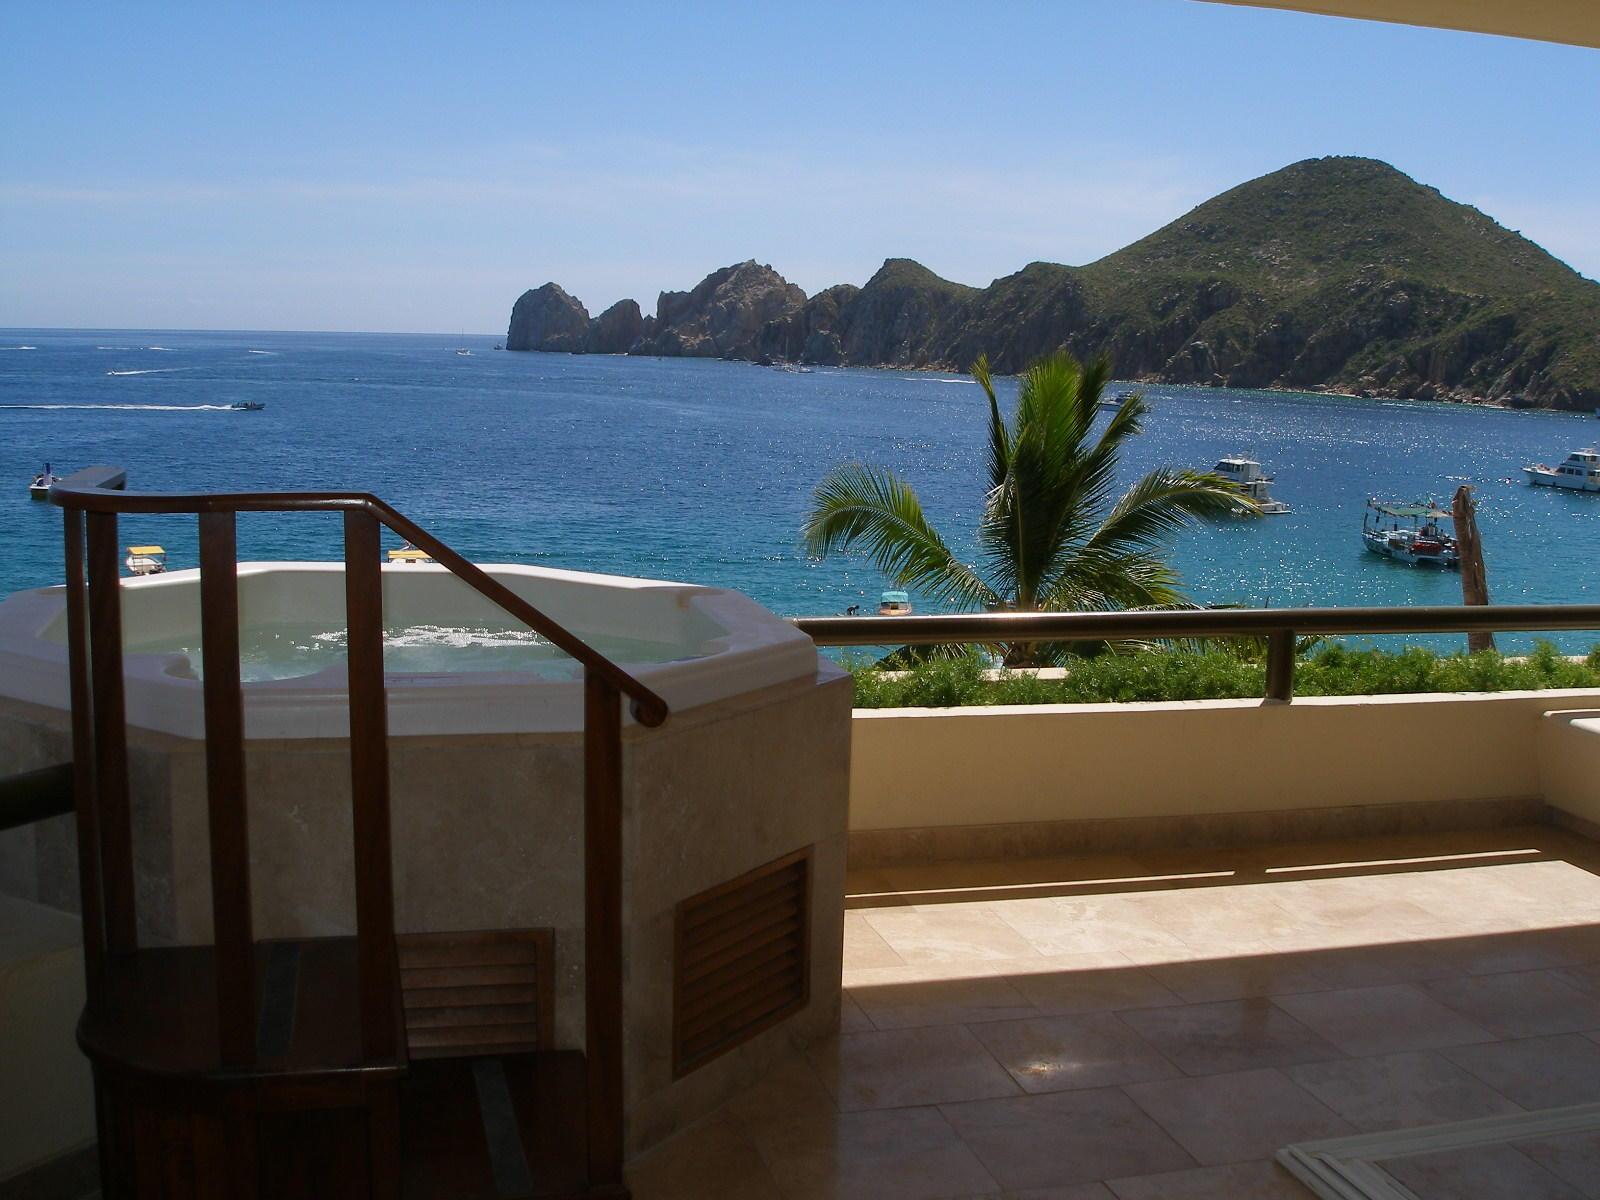 Cabo Villas Beach Resort & Spa San Lucas Mexico